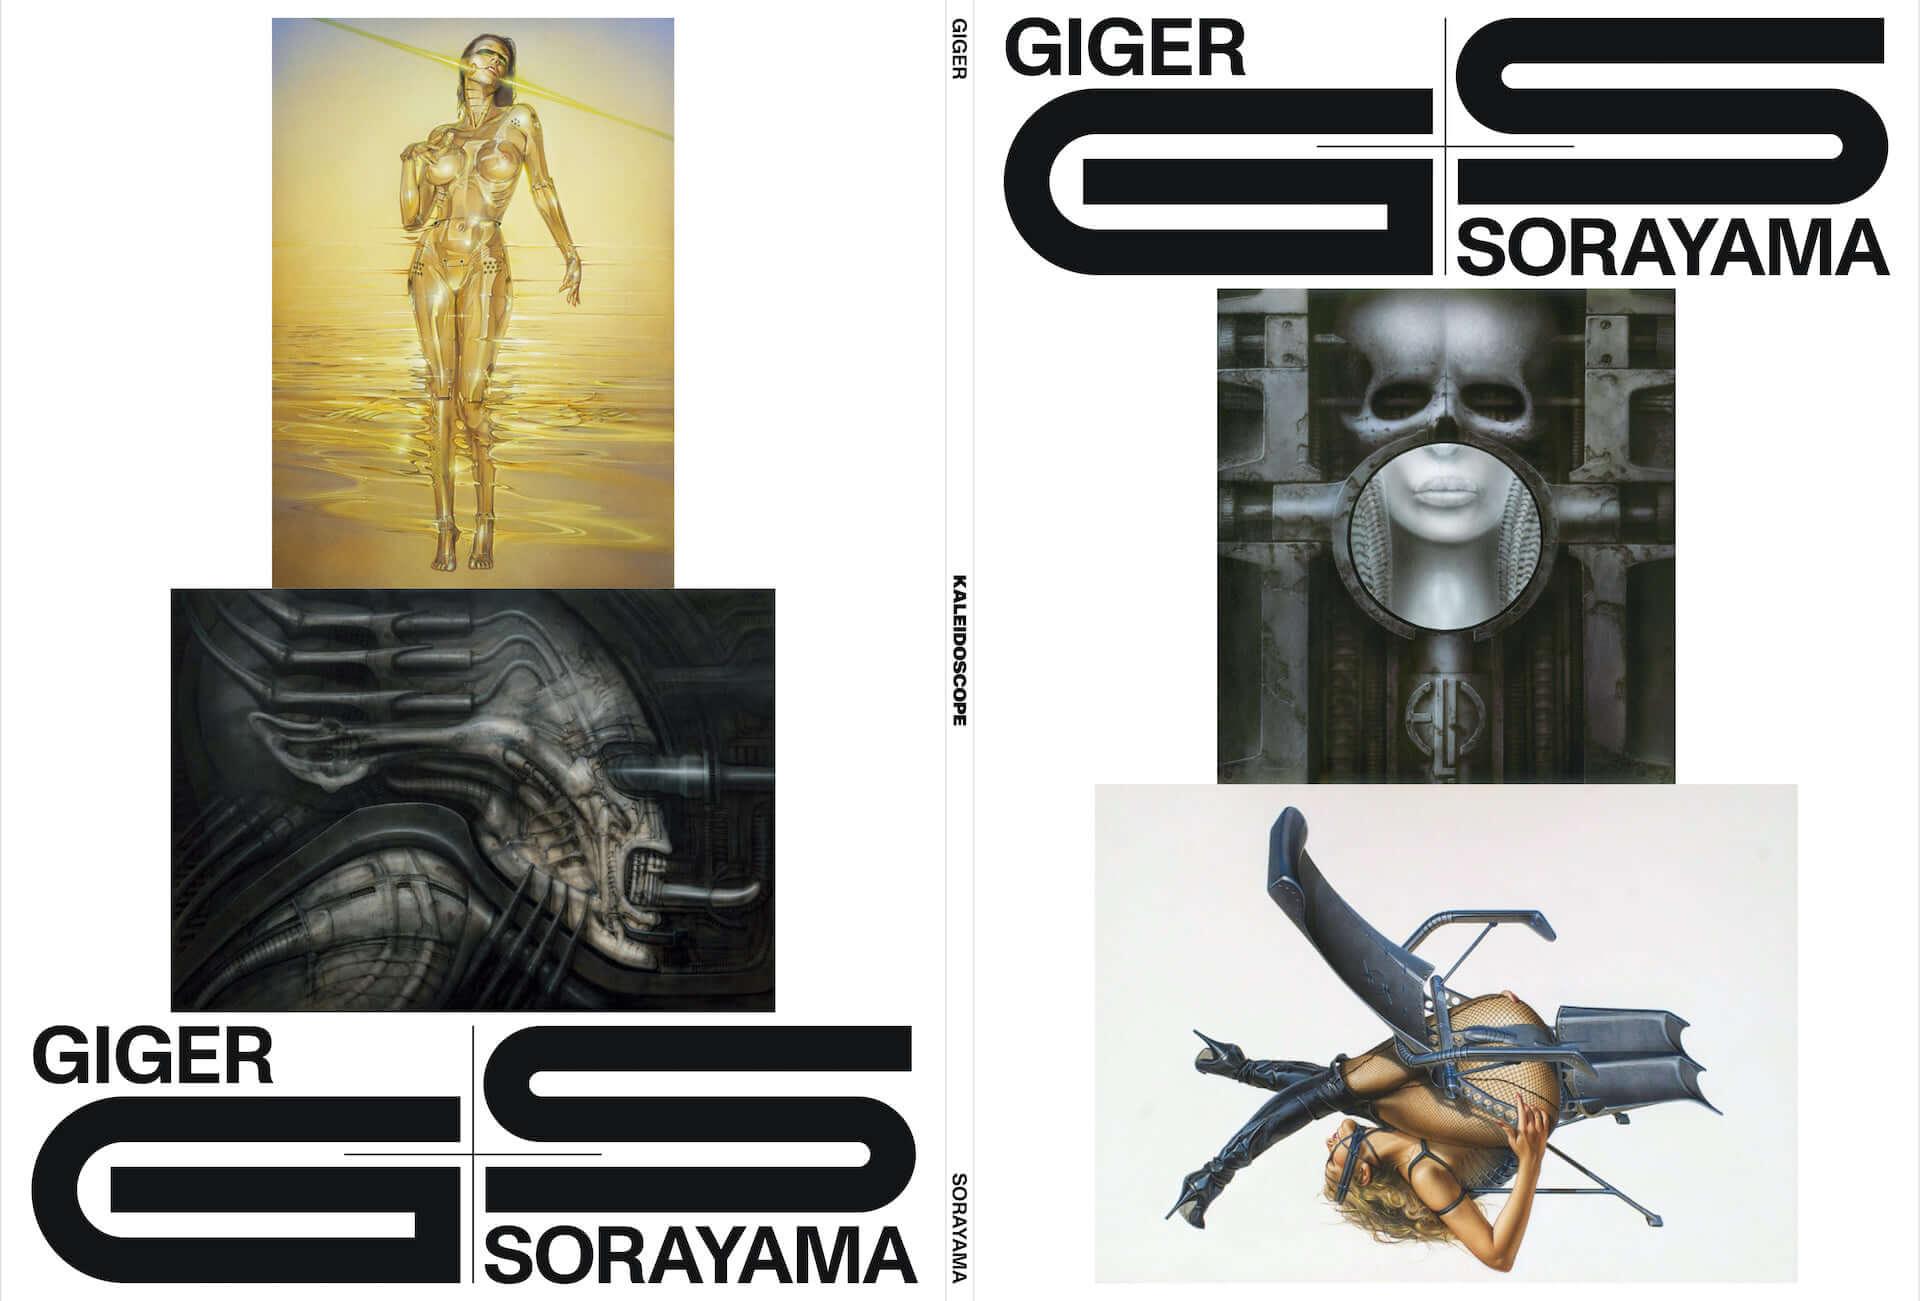 空山基とH.R.ギーガーのコラボ展が渋谷&心斎橋PARCOにて開催決定!NANZUKAと『KALEIDOSCOPE』編集長が共同でキュレーション art201214_giger-sorayama_6-1920x1301